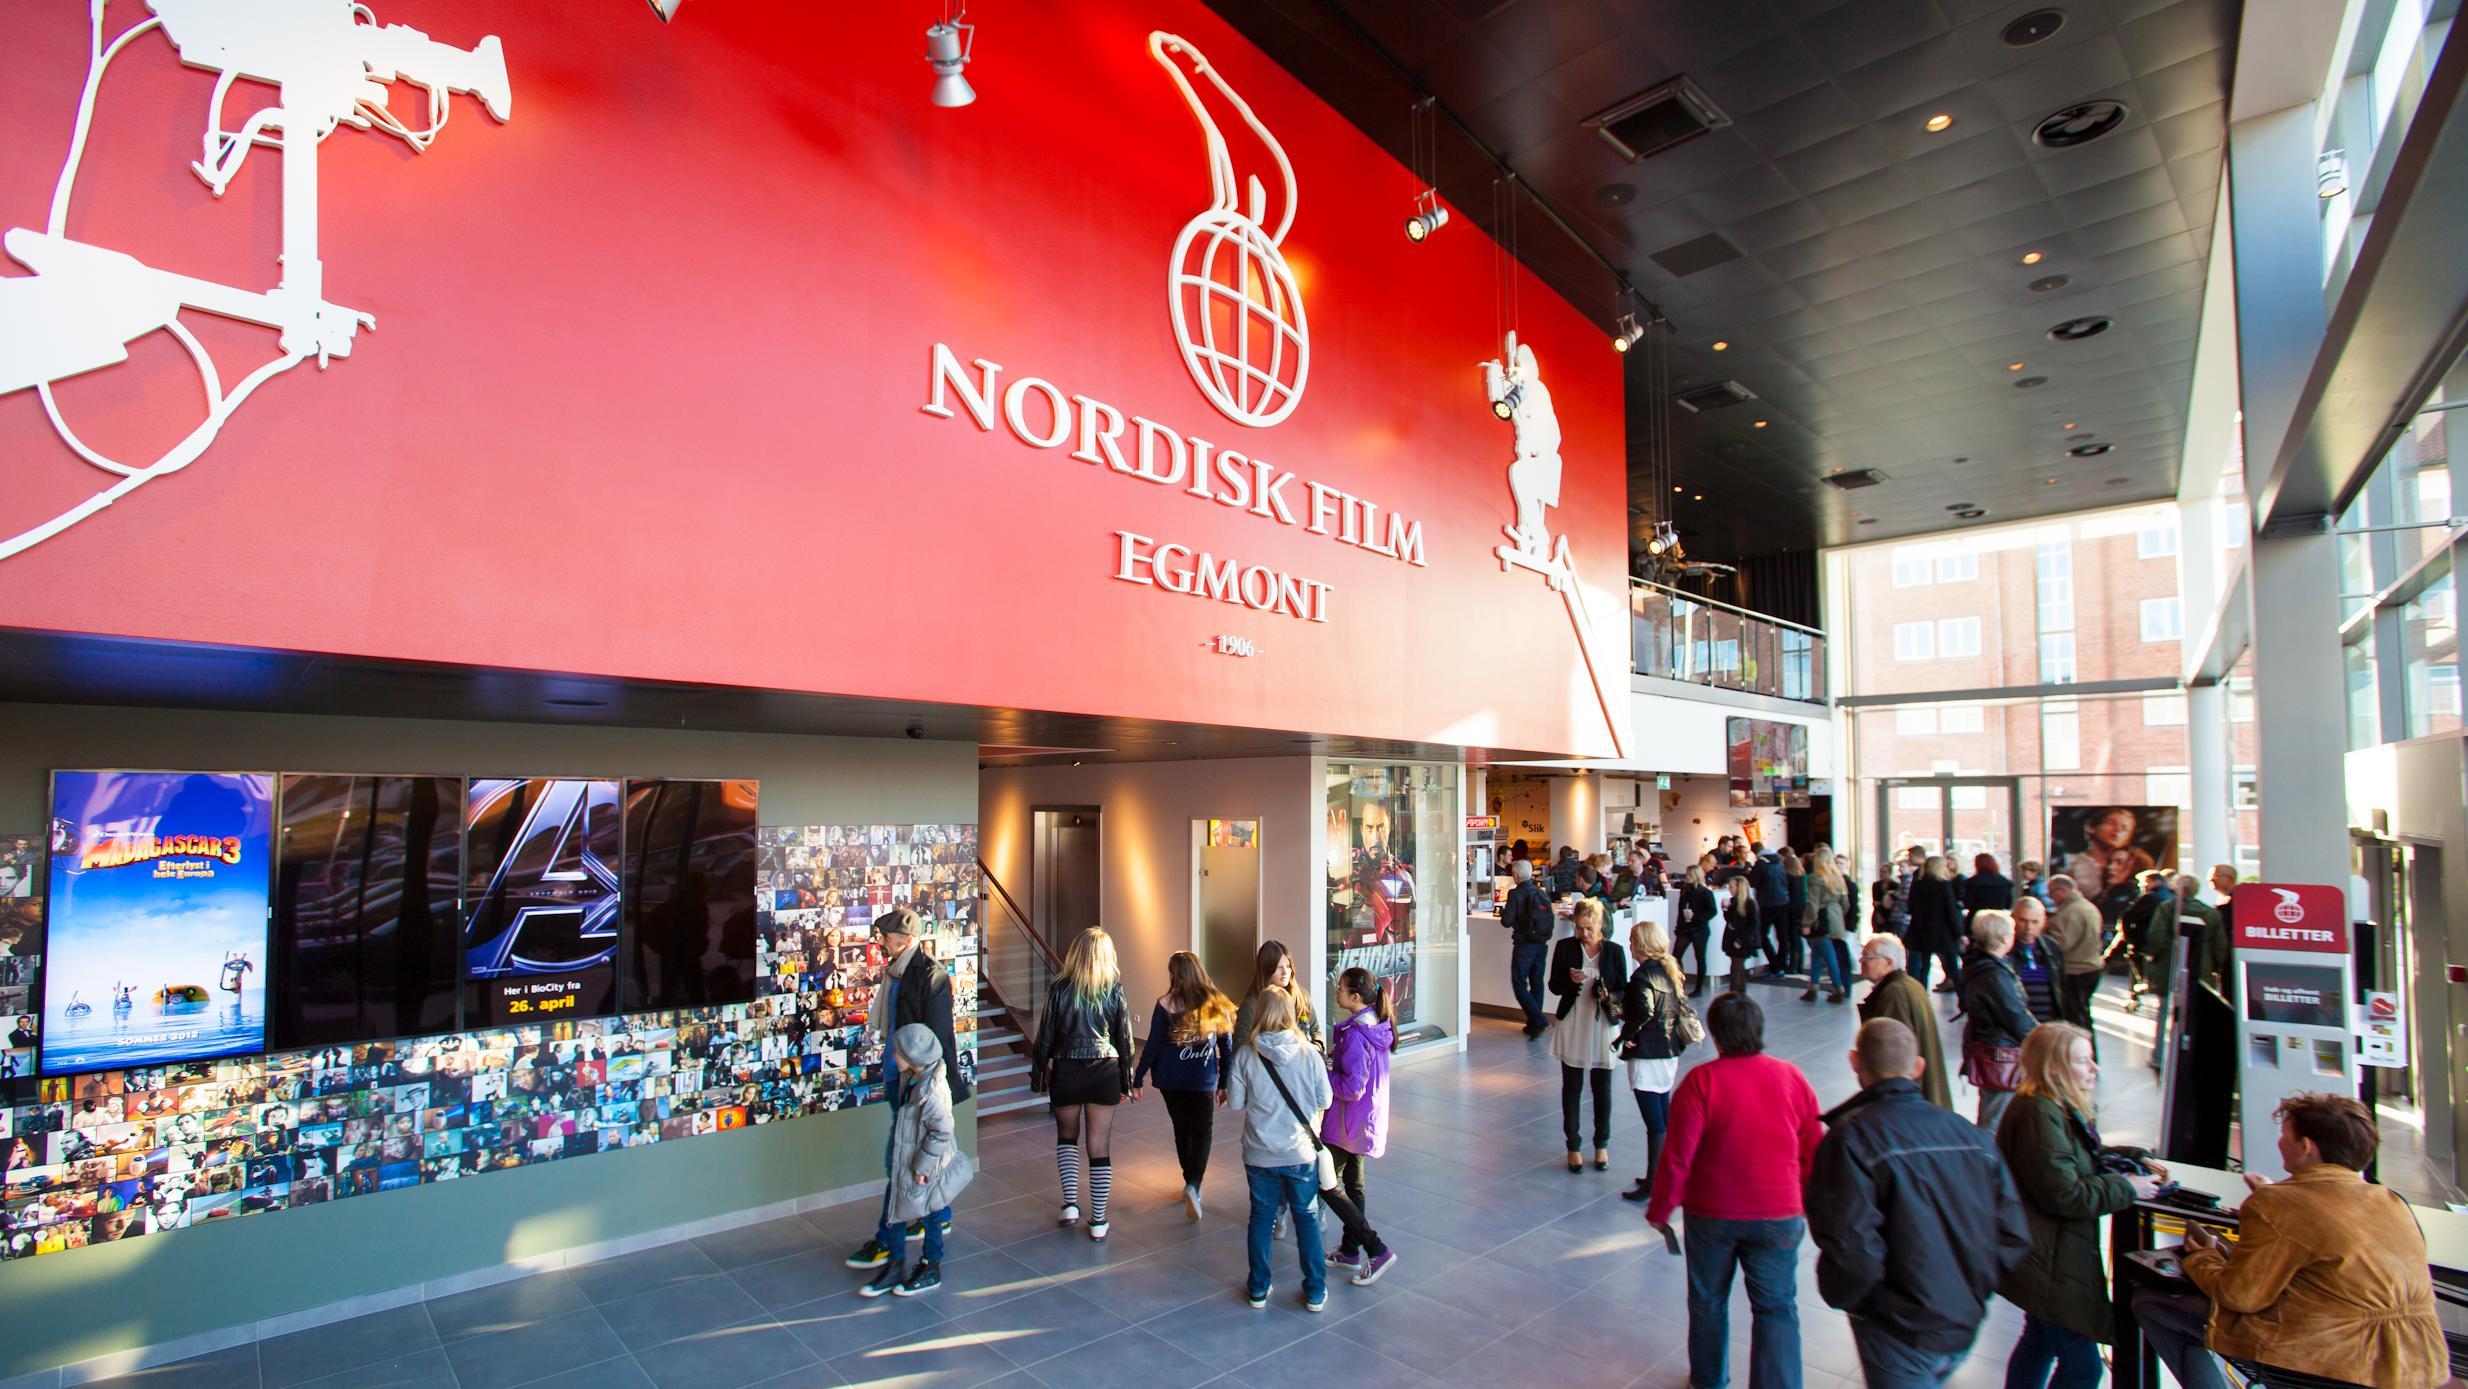 billeder kvinder nordisk film biografer århus